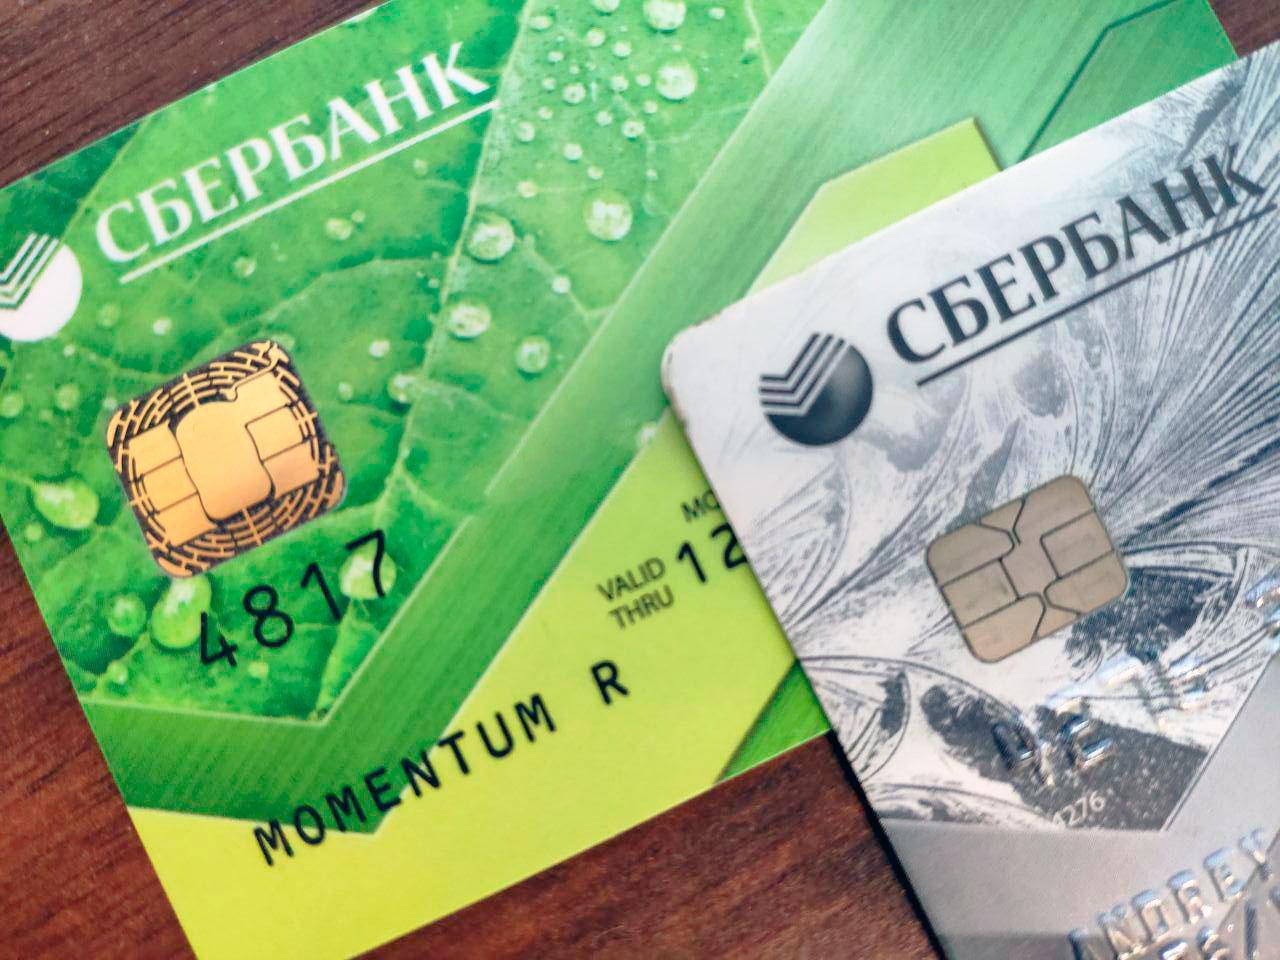 Появилась новая схема мошенничества, направленная наклиентов Сбербанка. Будьте бдительны